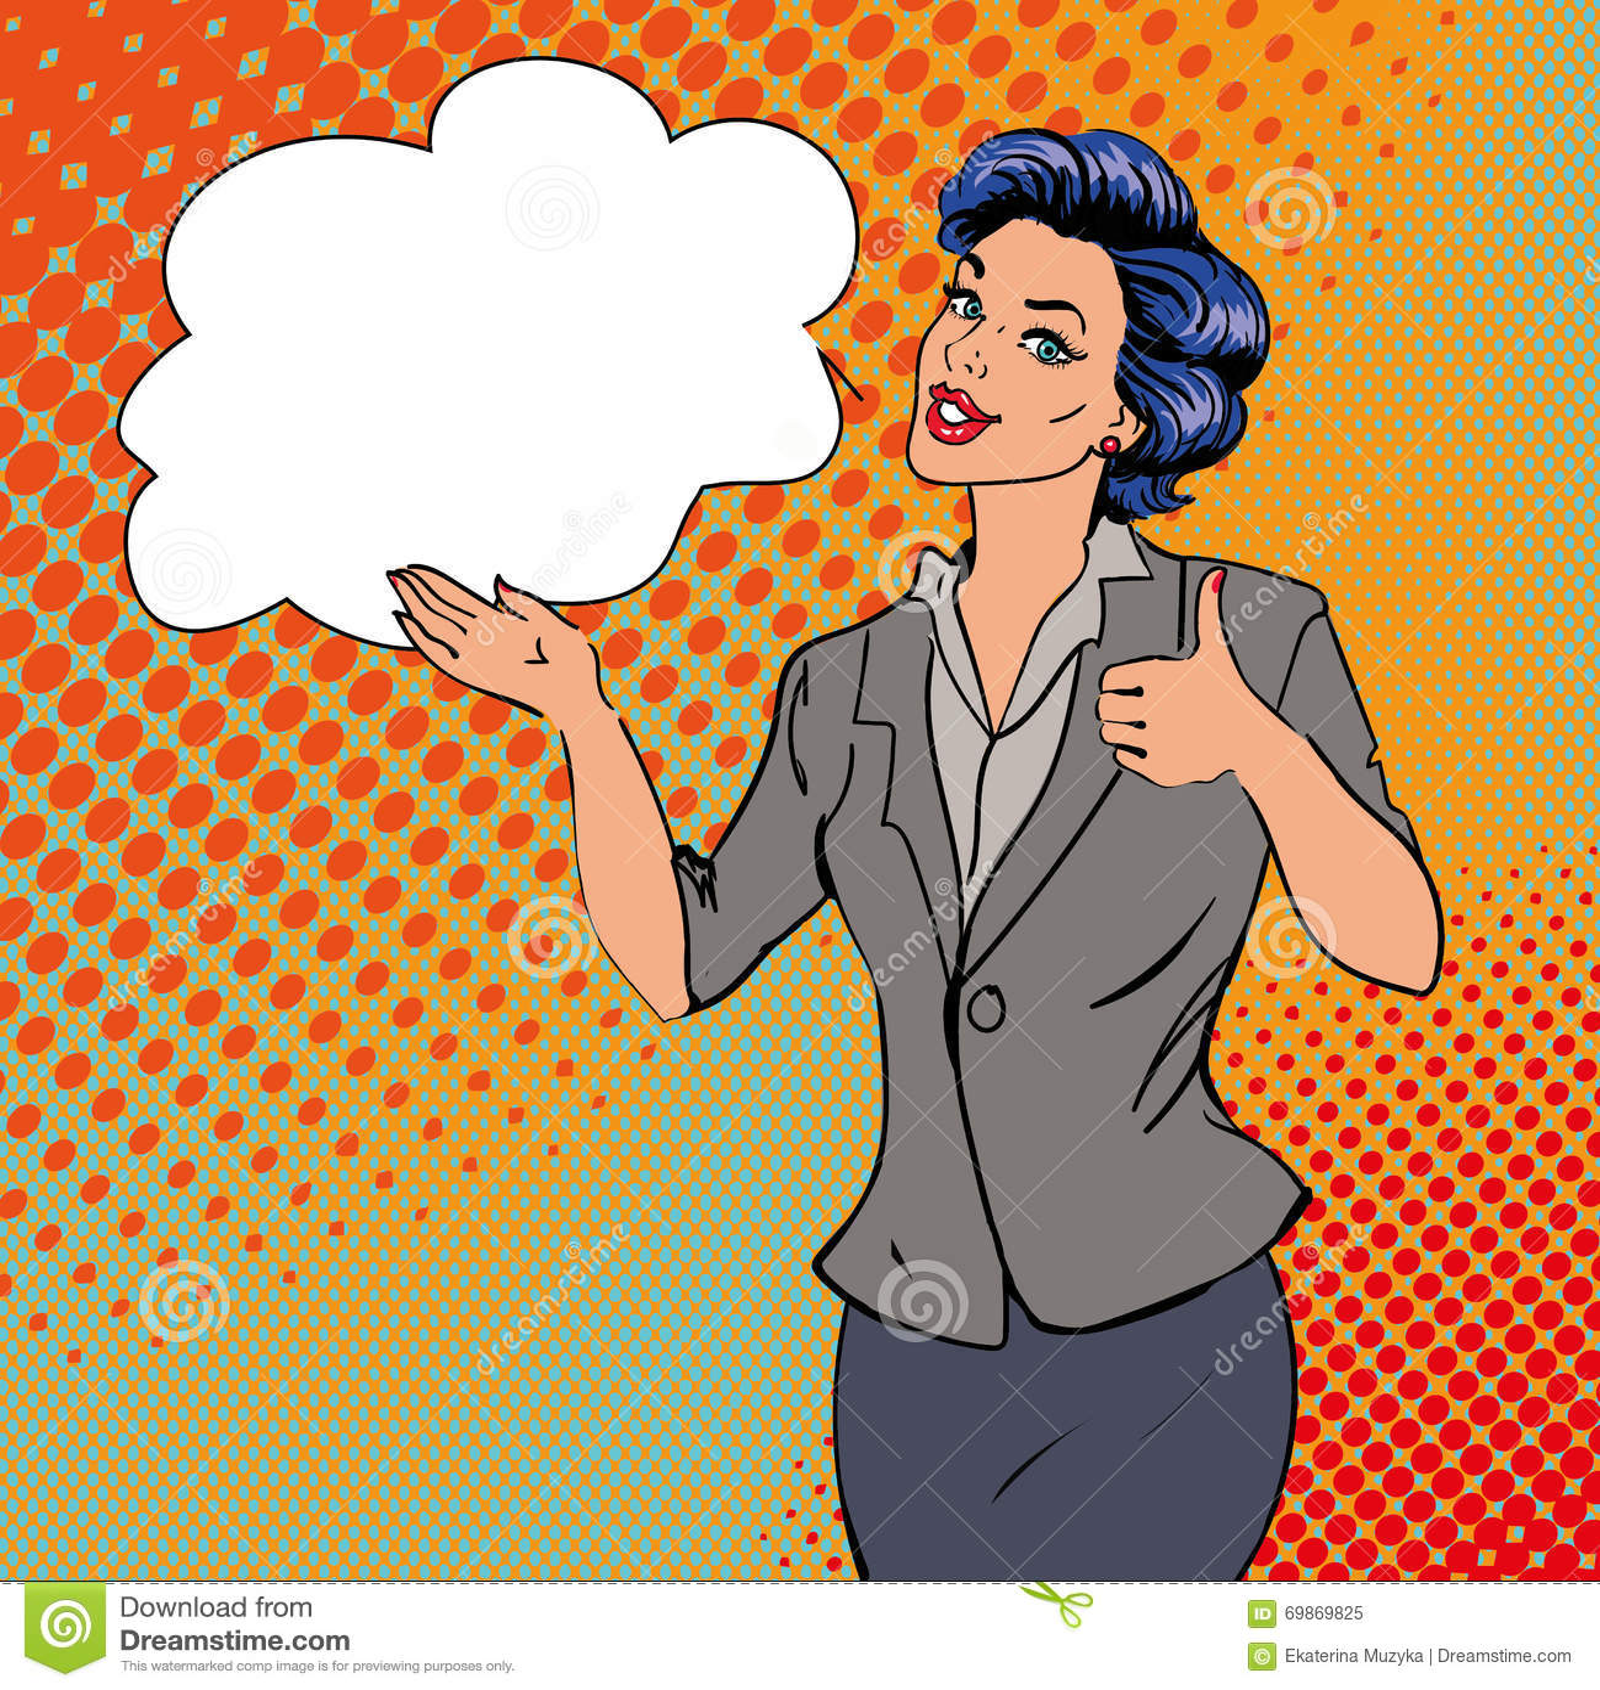 Фото нагих женщин в стиле ретро смотреть бесплатно фото 611-727